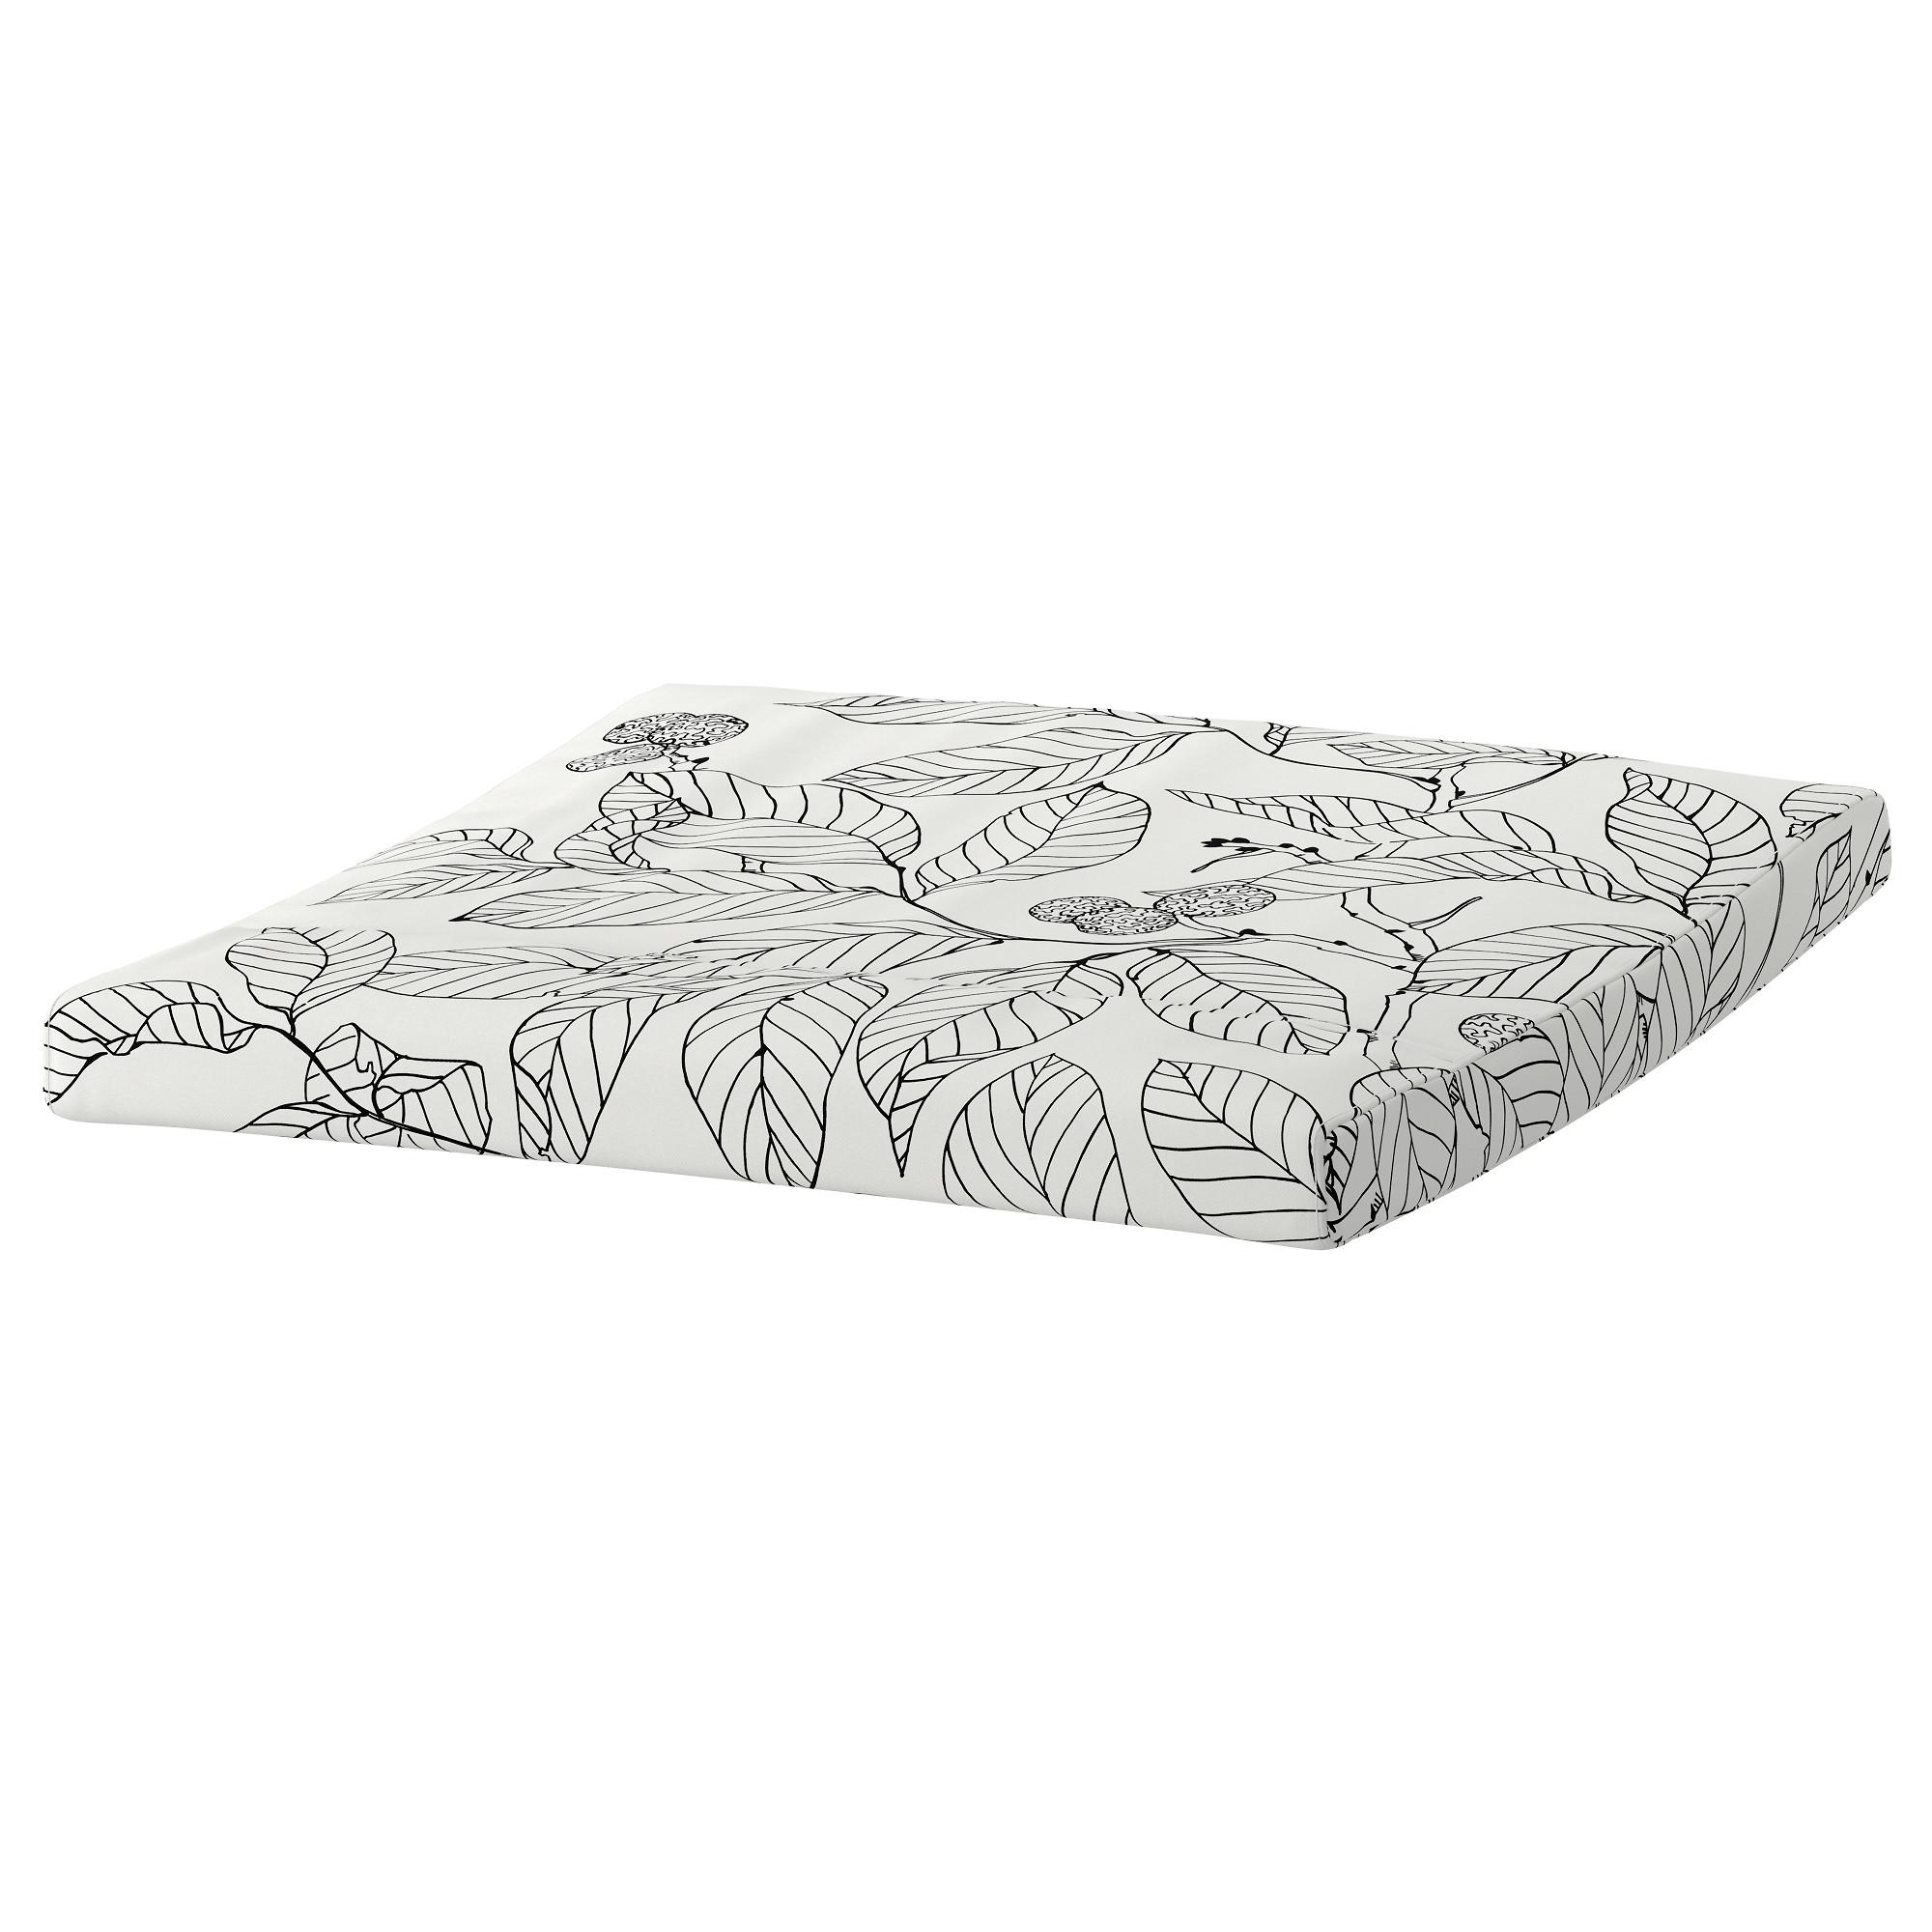 Подушка-сиденье на табурет для ног ПОЭНГ черный/белый артикуль № 603.916.37 в наличии. Онлайн каталог IKEA Минск. Недорогая доставка и установка.